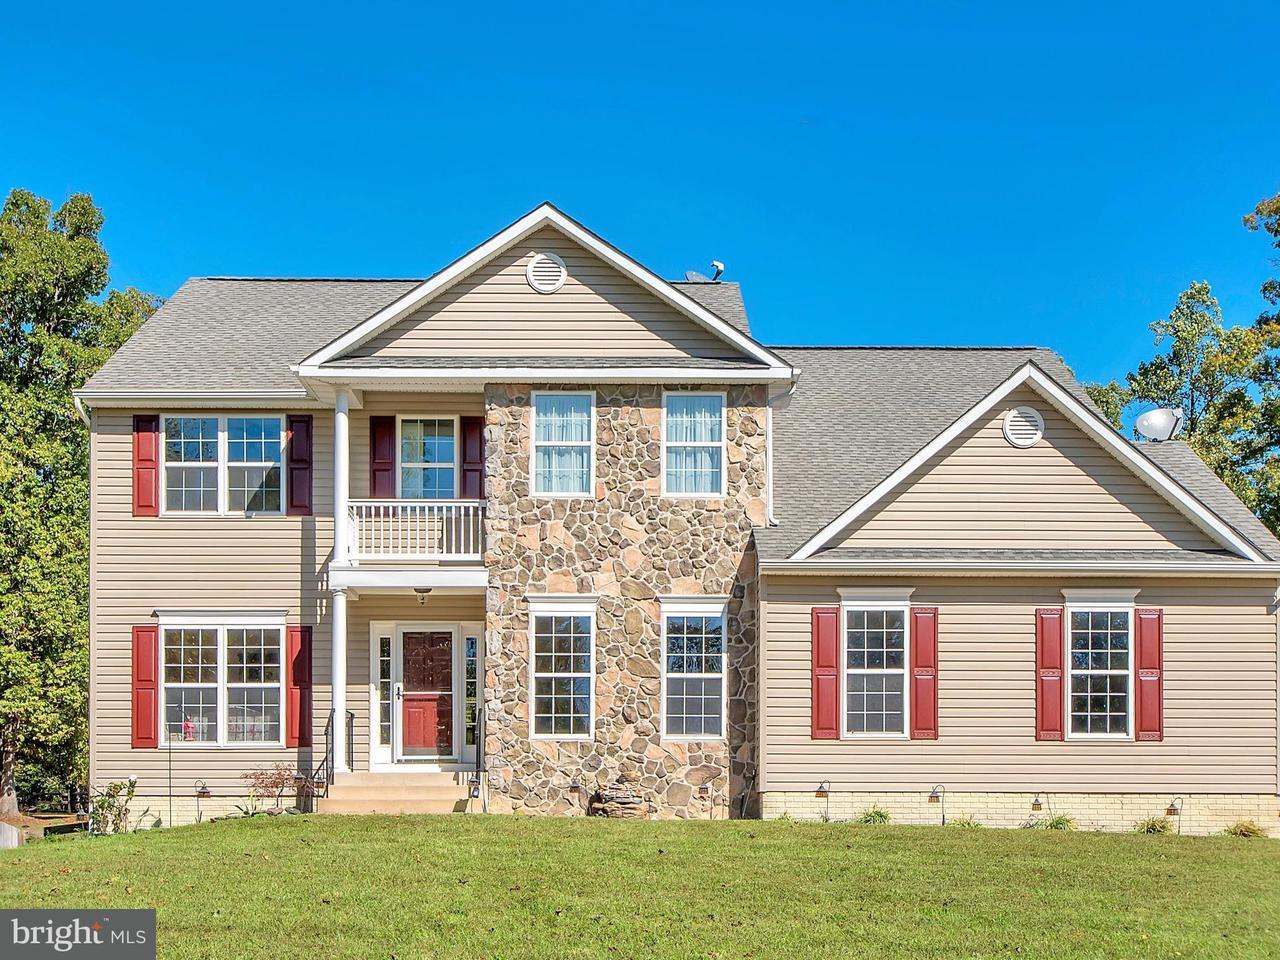 Μονοκατοικία για την Πώληση στο 9015 WORMAN Drive 9015 WORMAN Drive King George, Βιρτζινια 22485 Ηνωμενεσ Πολιτειεσ